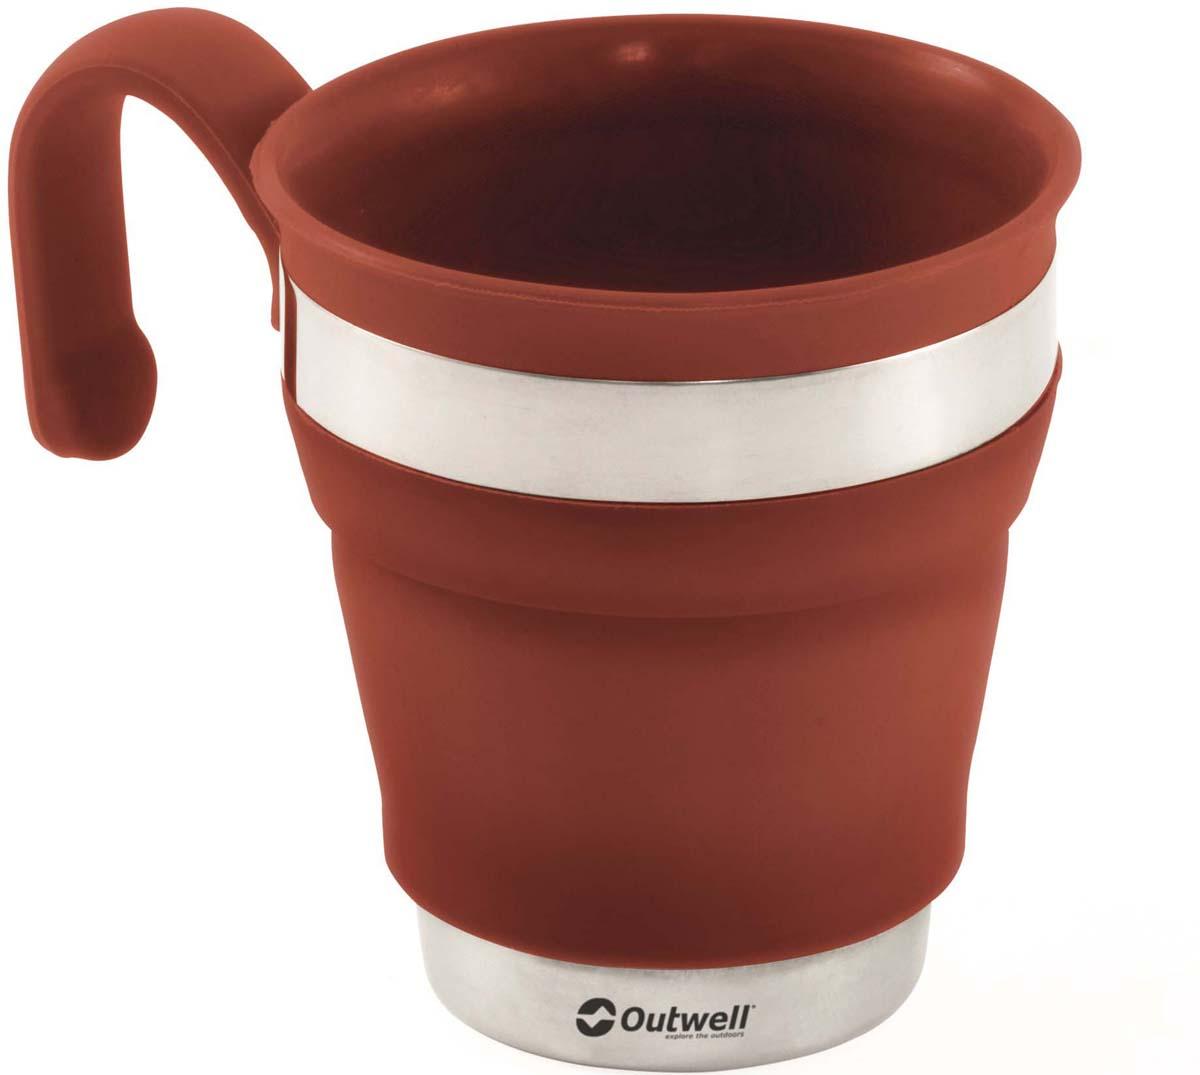 кружка складная Outwell Collaps Mug Terracotta, цвет: коричневый, 13,5 х 9,5 см650715Складная кружка из силикона и нержавеющей стали. Особенности:Складная.Компактная в сложенном виде.Легко развернуть и сложить.Удобная ручка.В состав не входит Бисфенол А.Ударопрочная.